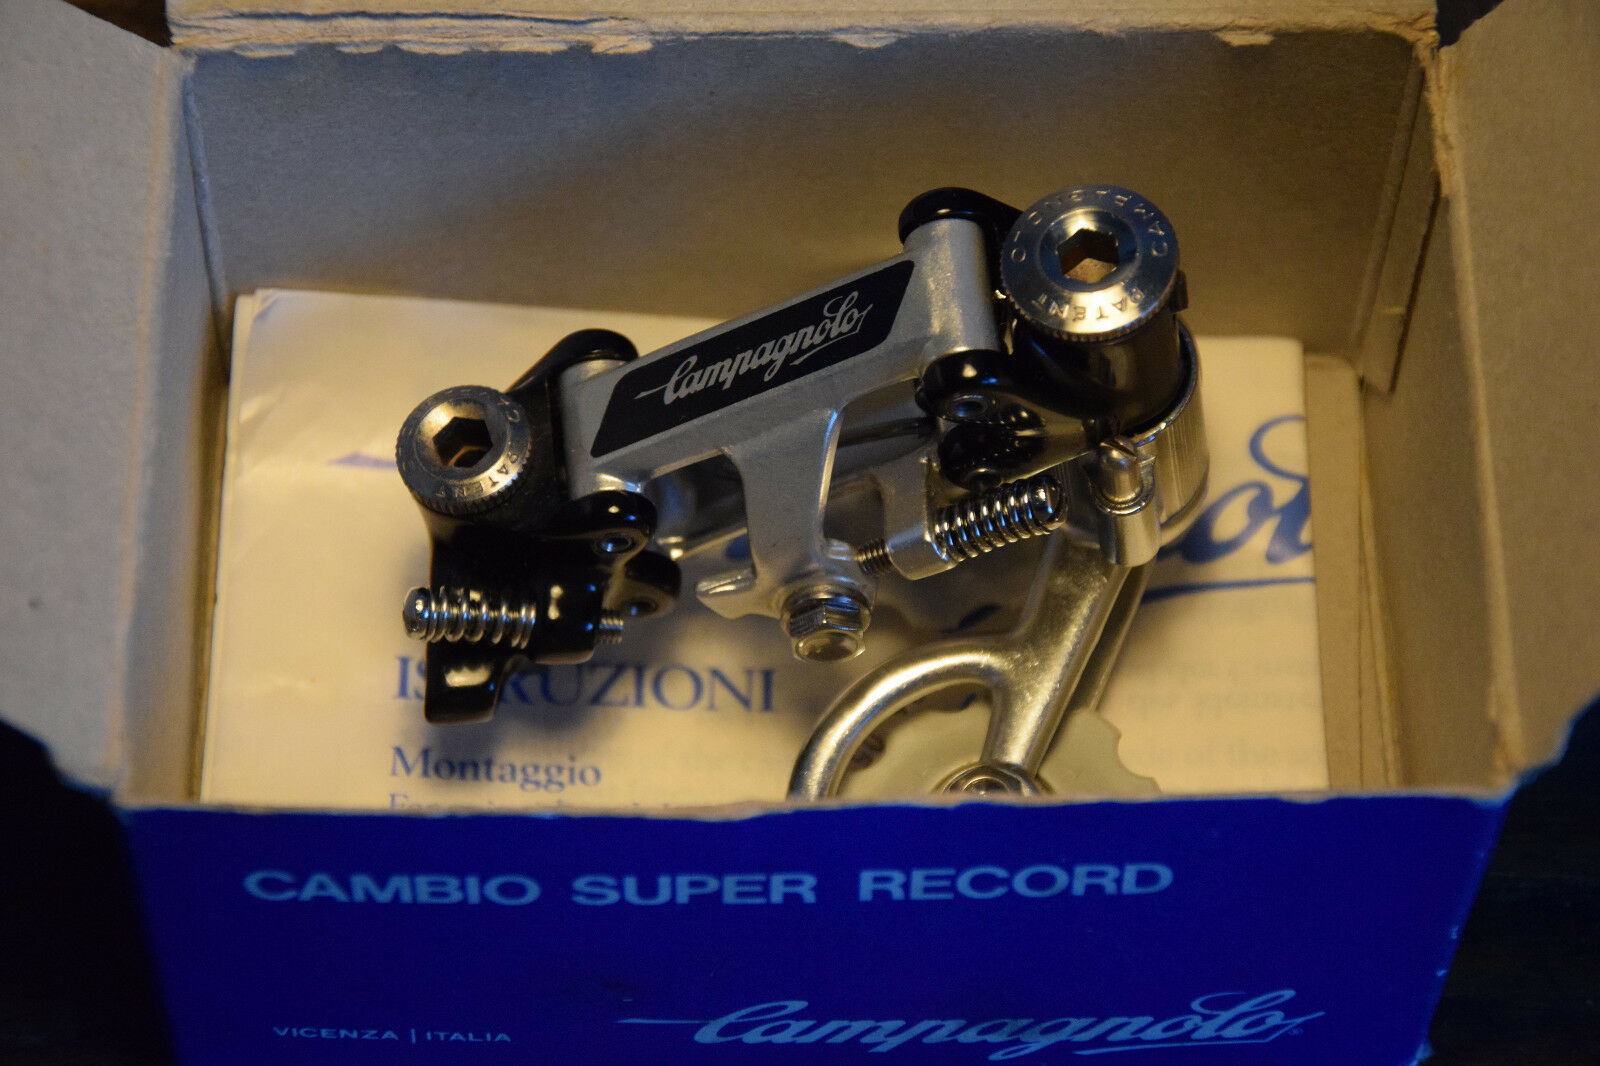 Campagnolo Schaltwerk Super Record NOS NIB No Pat.  from 1987 Rear Derailleur  convenient